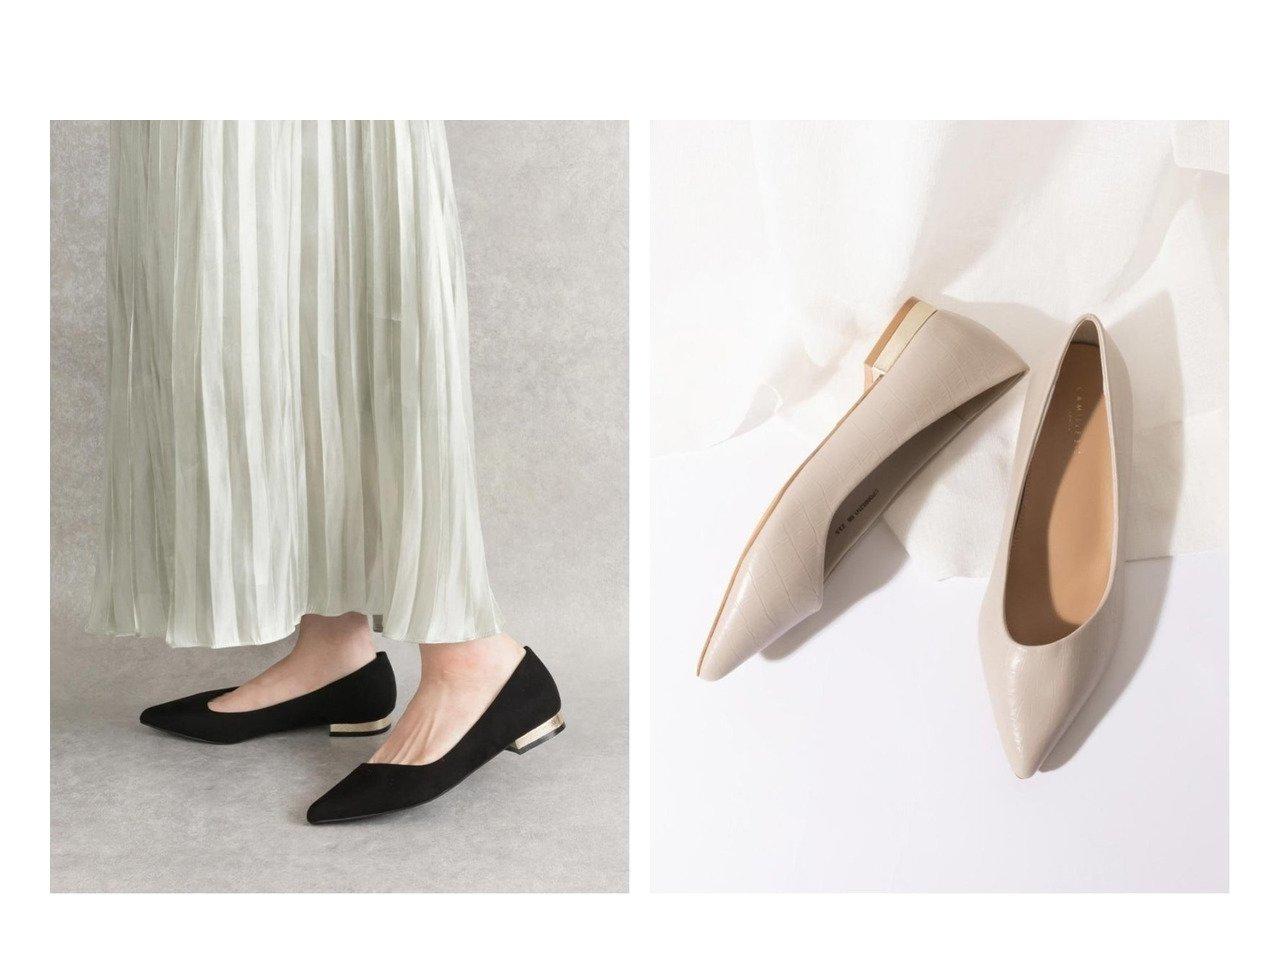 【RANDA/ランダ】のストレスフリー/ポインテッドトゥローヒールパンプス 【シューズ・靴】おすすめ!人気、トレンド・レディースファッションの通販  おすすめで人気の流行・トレンド、ファッションの通販商品 メンズファッション・キッズファッション・インテリア・家具・レディースファッション・服の通販 founy(ファニー) https://founy.com/ ファッション Fashion レディースファッション WOMEN NEW・新作・新着・新入荷 New Arrivals アシンメトリー クッション シューズ ライニング |ID:crp329100000032105